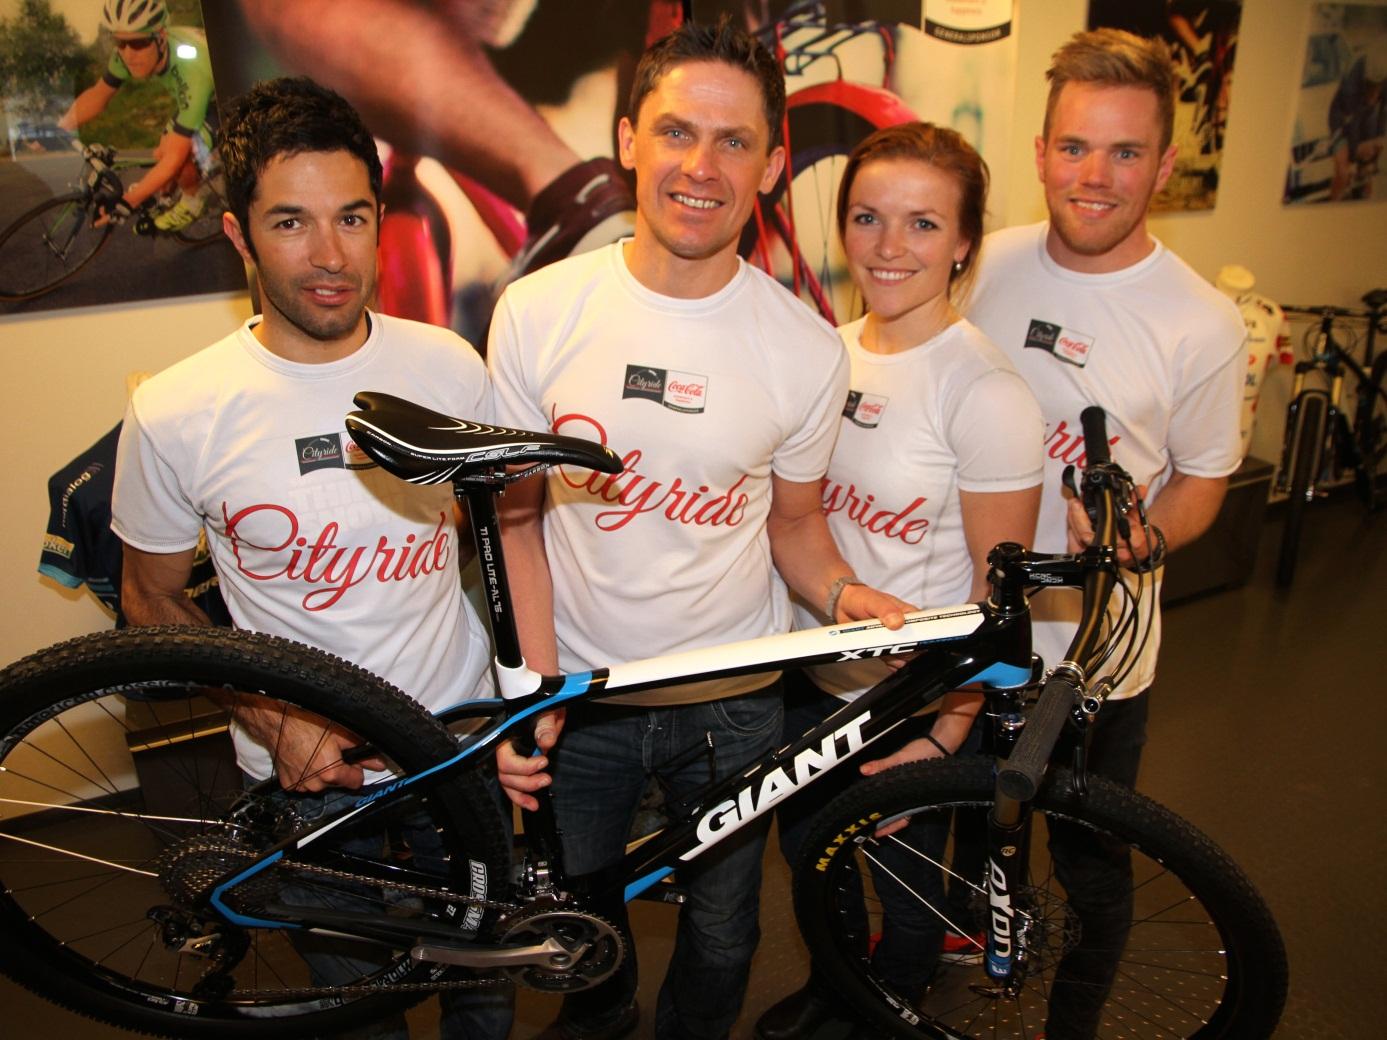 KJENTE GUIDER: Team Cityride og noen av landets fremste syklister fronter det ny